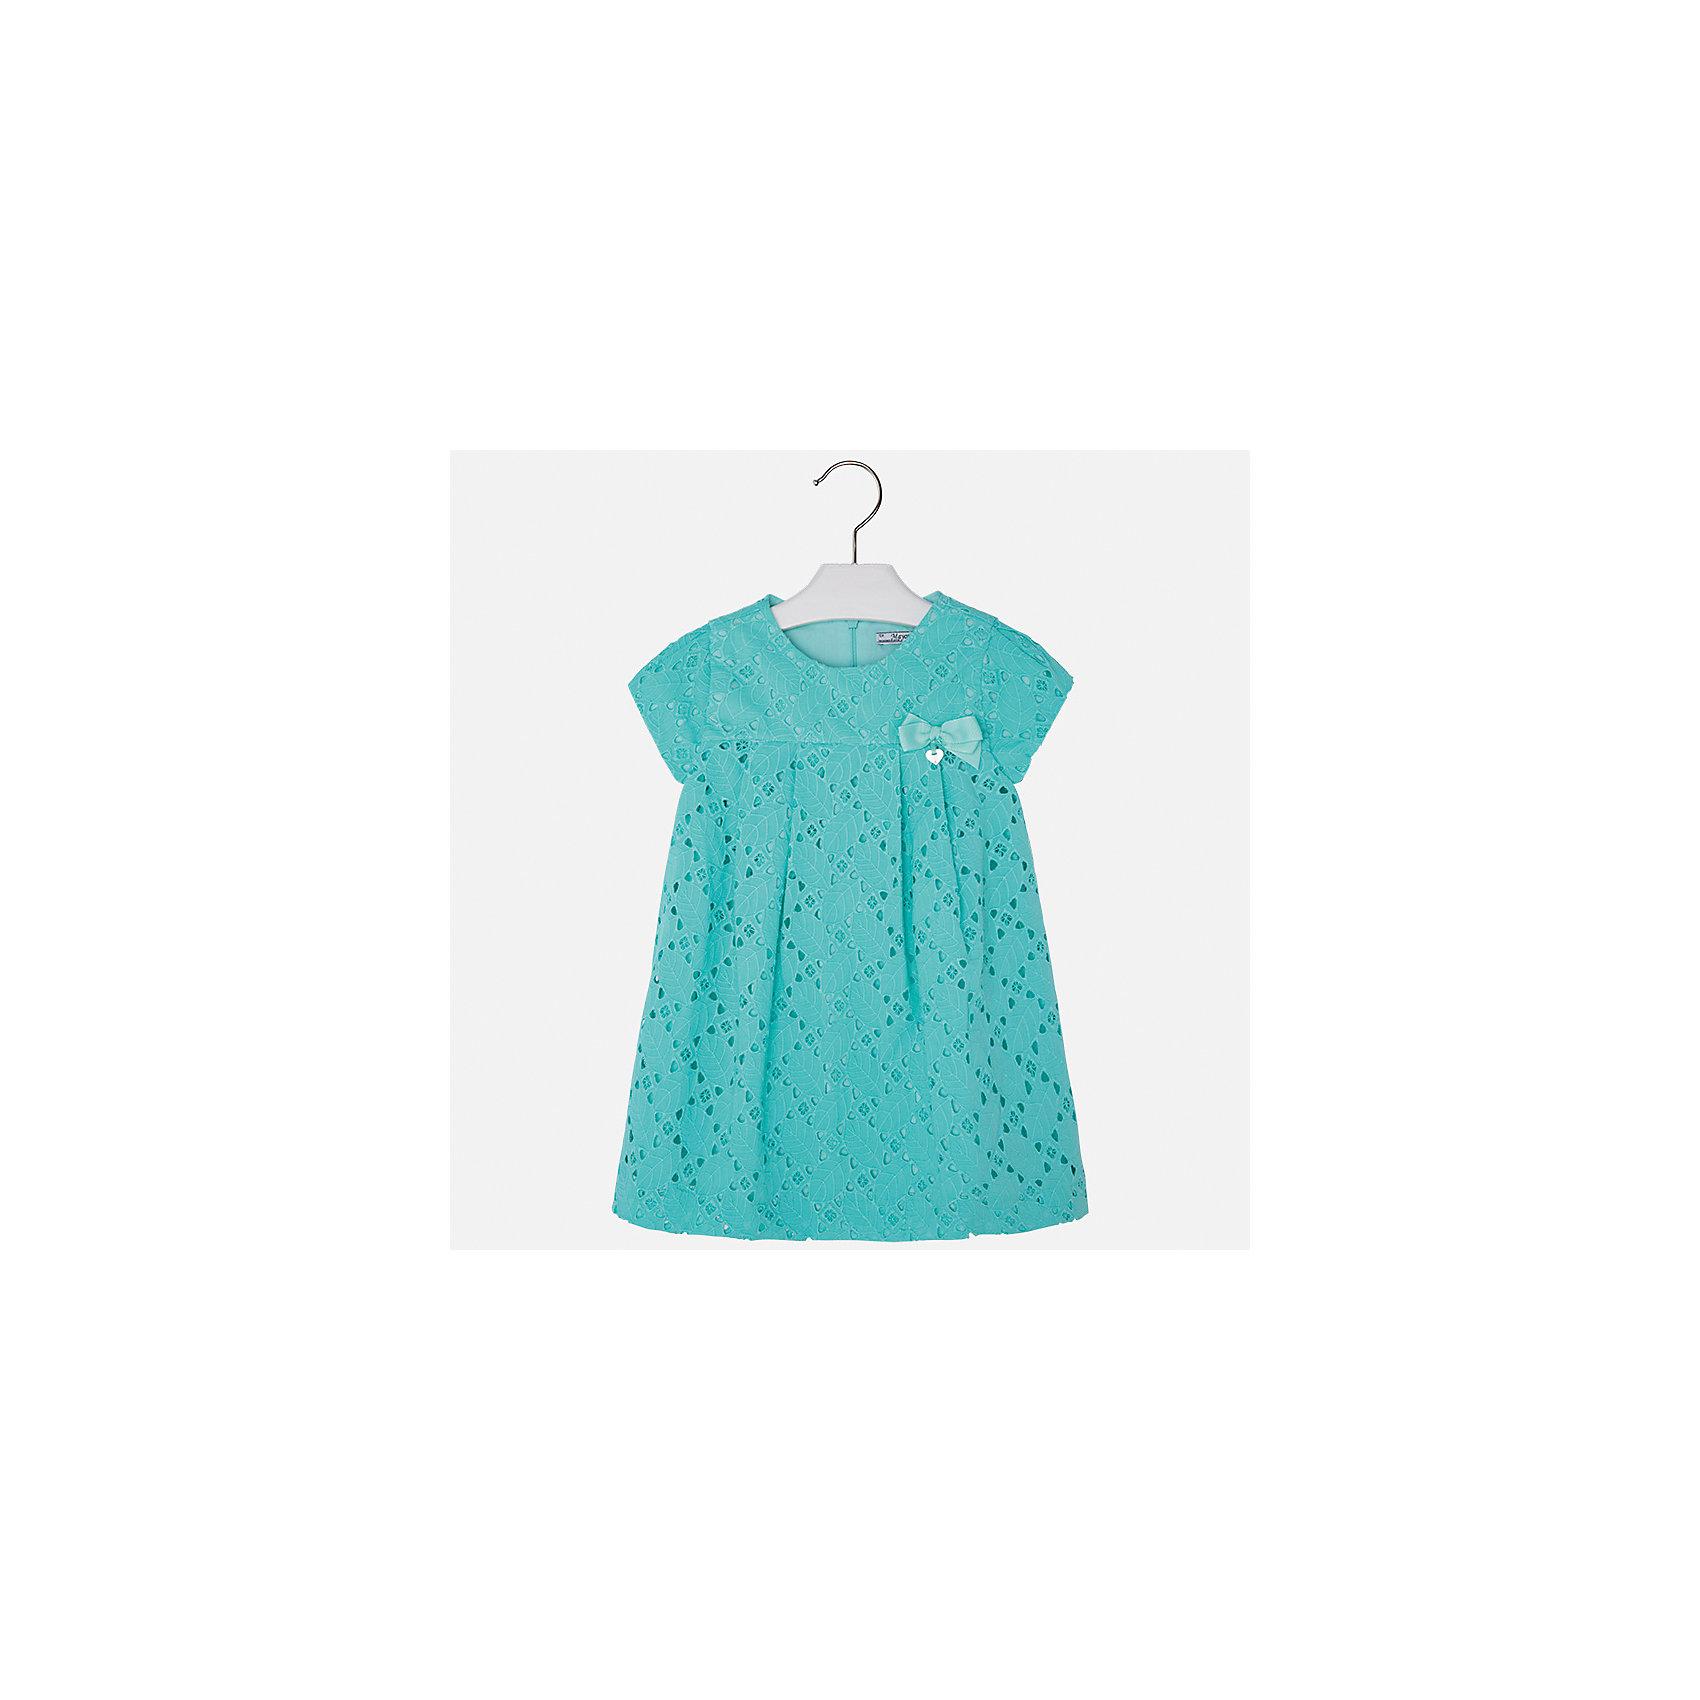 Платье для девочки MayoralОдежда<br>Характеристики товара:<br><br>• цвет: зеленый<br>• состав: 100% хлопок, подкладка - 65% полиэстер, 35% хлопок<br>• застежка: молния<br>• ажурная ткань верха<br>• завышенная талия<br>• короткие рукава<br>• с подкладкой<br>• страна бренда: Испания<br><br>Нарядное платье для девочки поможет разнообразить гардероб ребенка и создать эффектный наряд. Оно отлично подойдет для торжественных случаев. Красивый оттенок позволяет подобрать к вещи обувь разных расцветок. В составе материала подкладки - натуральный хлопок, гипоаллергенный, приятный на ощупь, дышащий. Платье хорошо сидит по фигуре.<br><br>Одежда, обувь и аксессуары от испанского бренда Mayoral полюбились детям и взрослым по всему миру. Модели этой марки - стильные и удобные. Для их производства используются только безопасные, качественные материалы и фурнитура. Порадуйте ребенка модными и красивыми вещами от Mayoral! <br><br>Платье для девочки от испанского бренда Mayoral (Майорал) можно купить в нашем интернет-магазине.<br><br>Ширина мм: 236<br>Глубина мм: 16<br>Высота мм: 184<br>Вес г: 177<br>Цвет: синий<br>Возраст от месяцев: 18<br>Возраст до месяцев: 24<br>Пол: Женский<br>Возраст: Детский<br>Размер: 92,134,128,122,116,110,104,98<br>SKU: 5291108